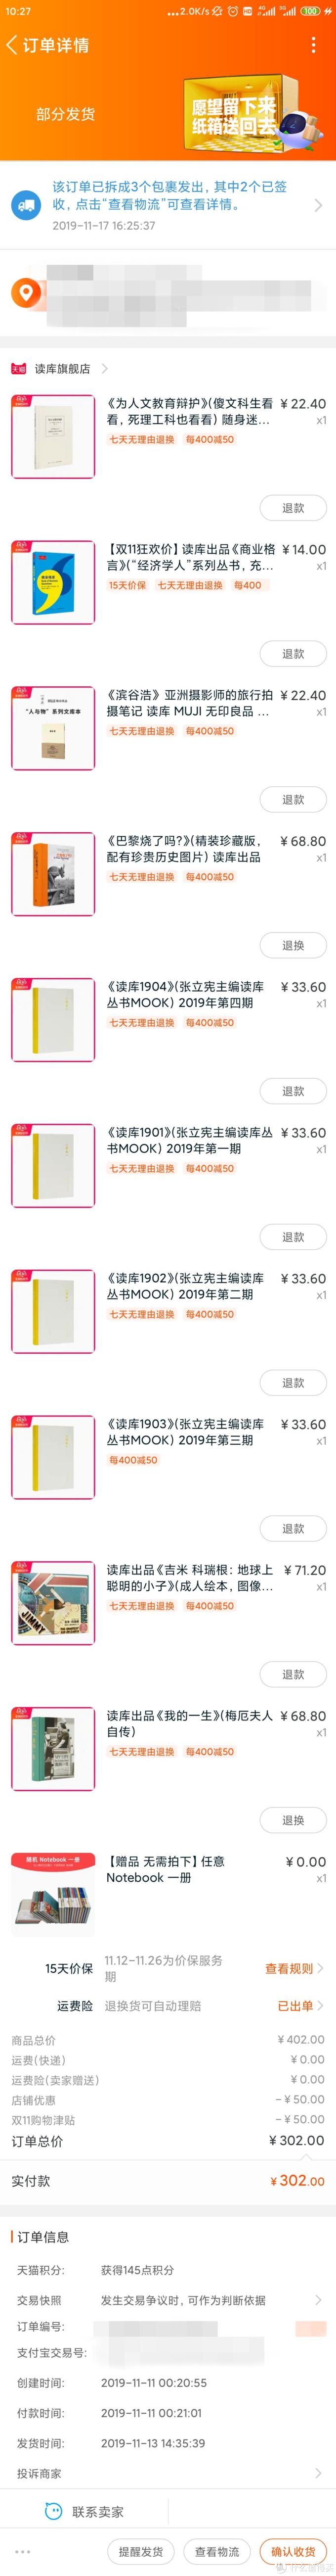 这波双十一我买了这些书丨我为什么要买·天猫篇